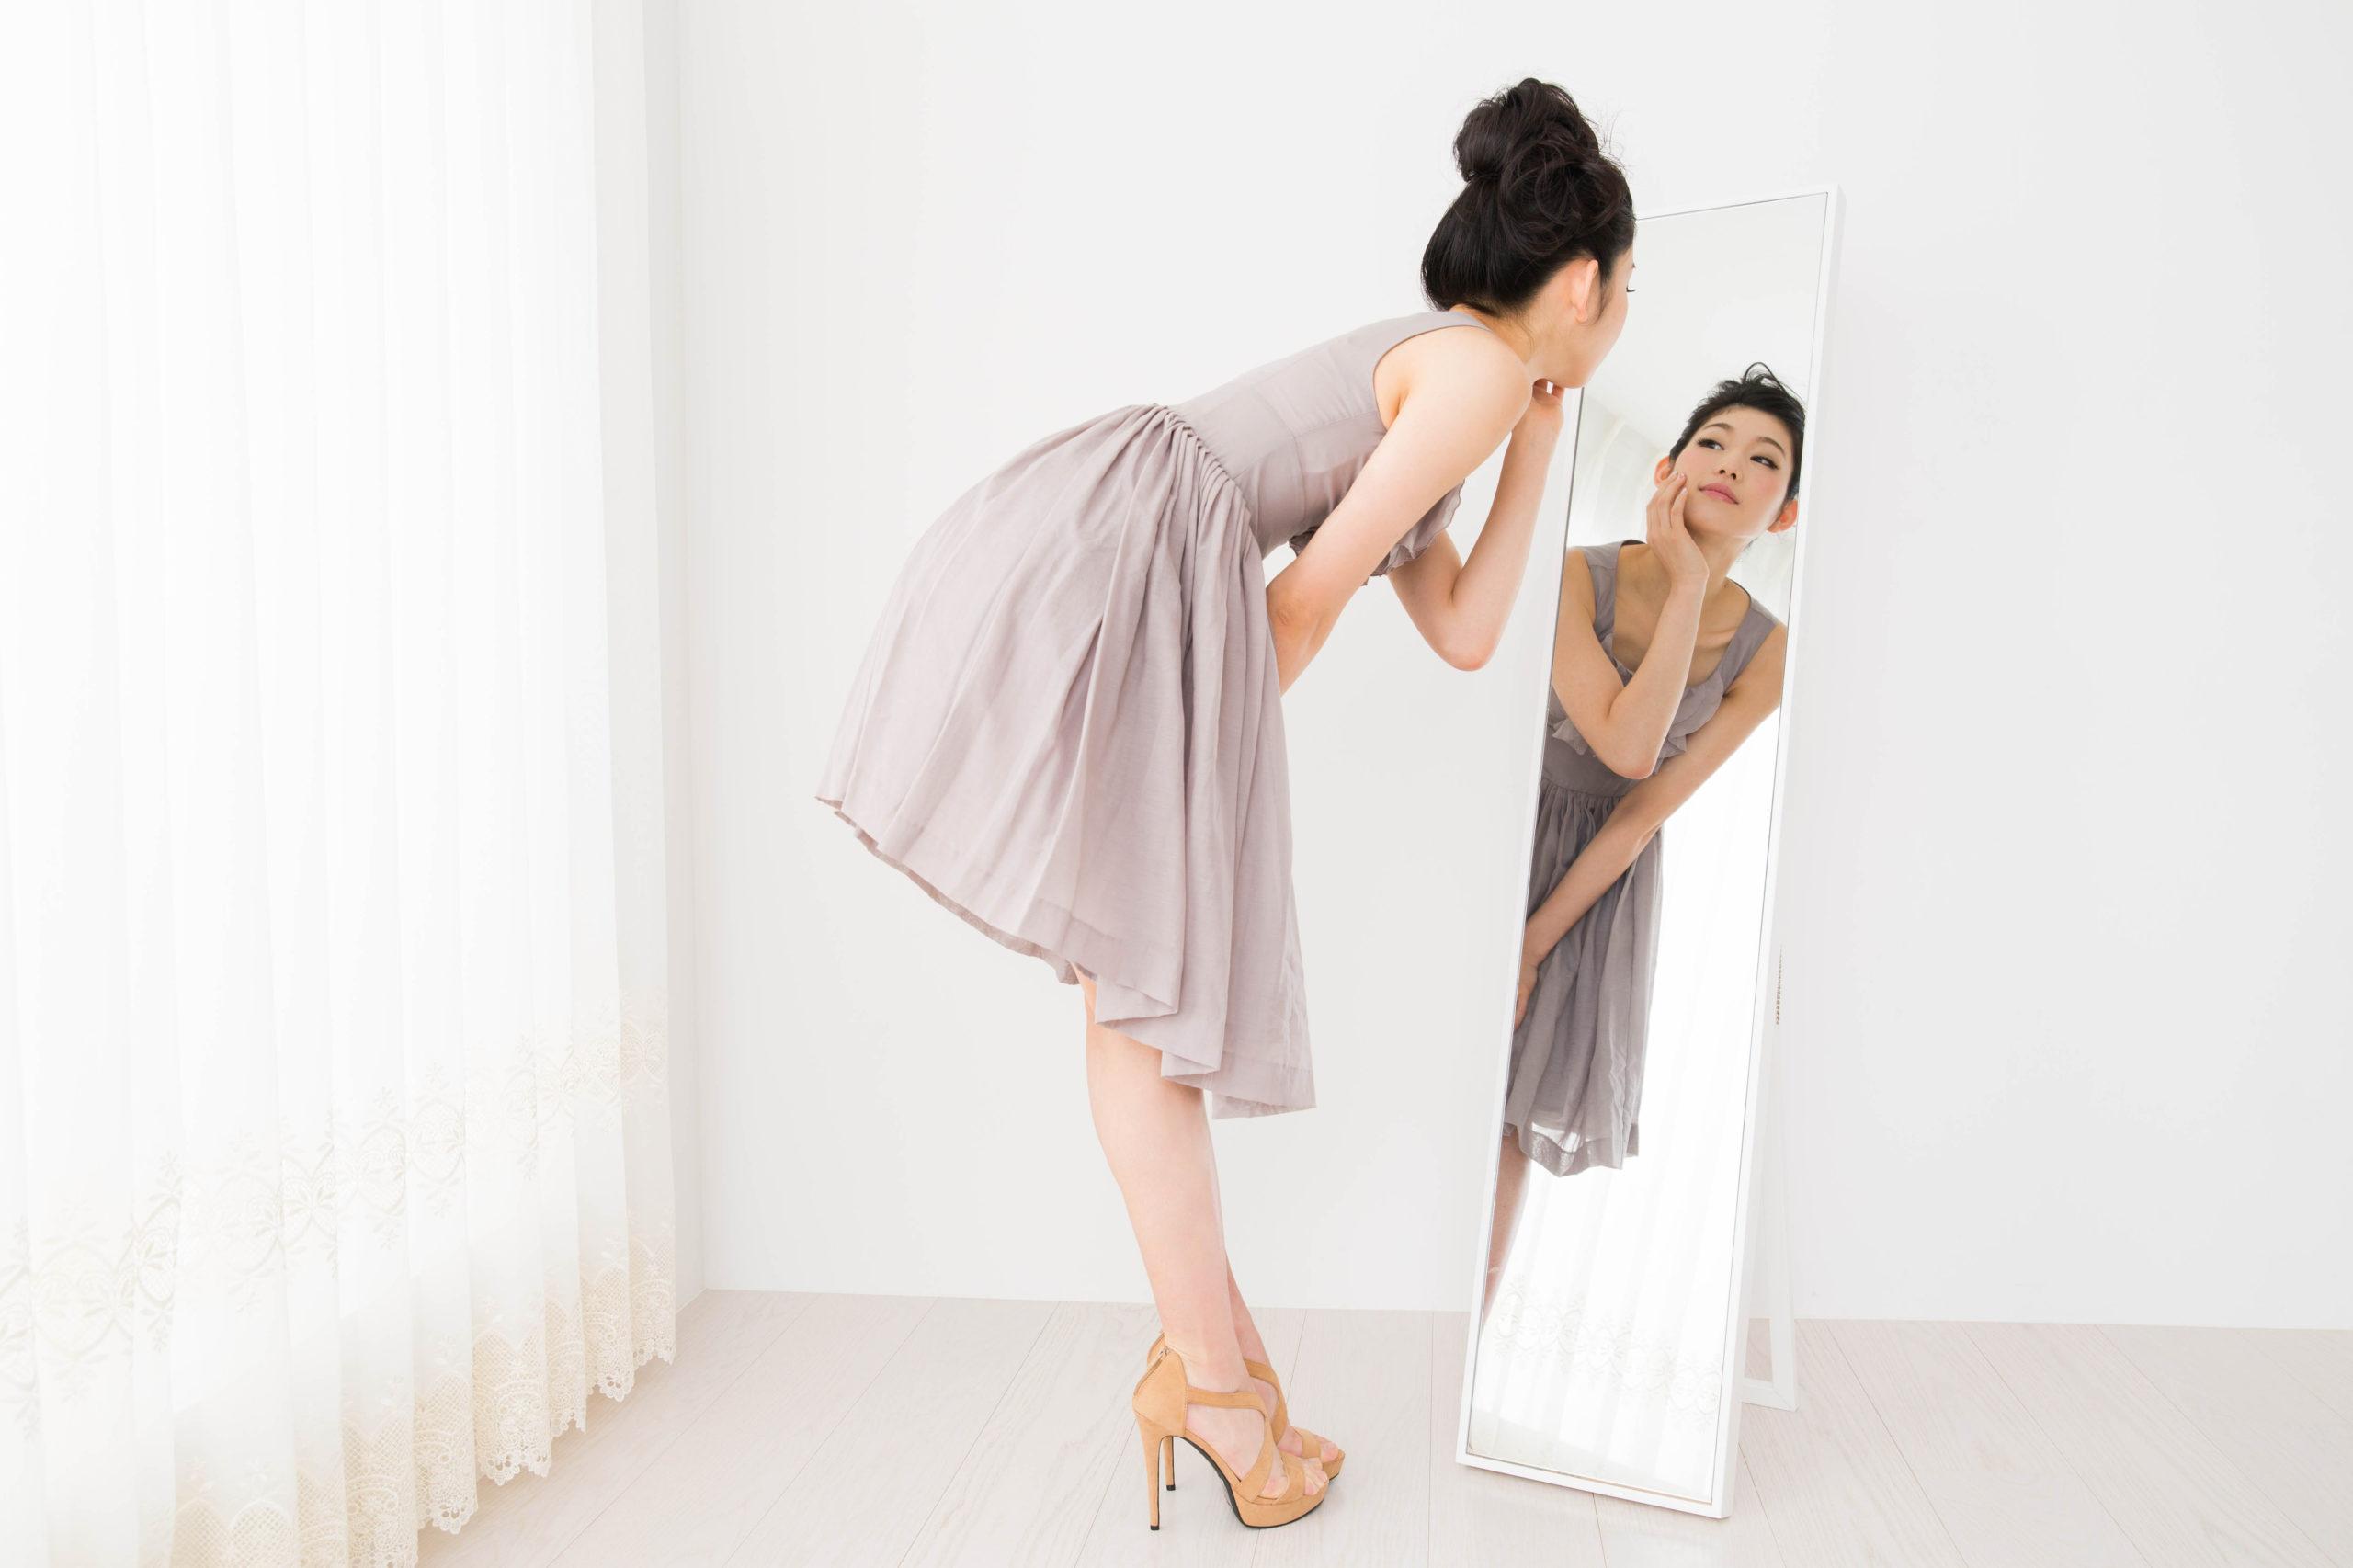 【鏡を見つめて意識改革】